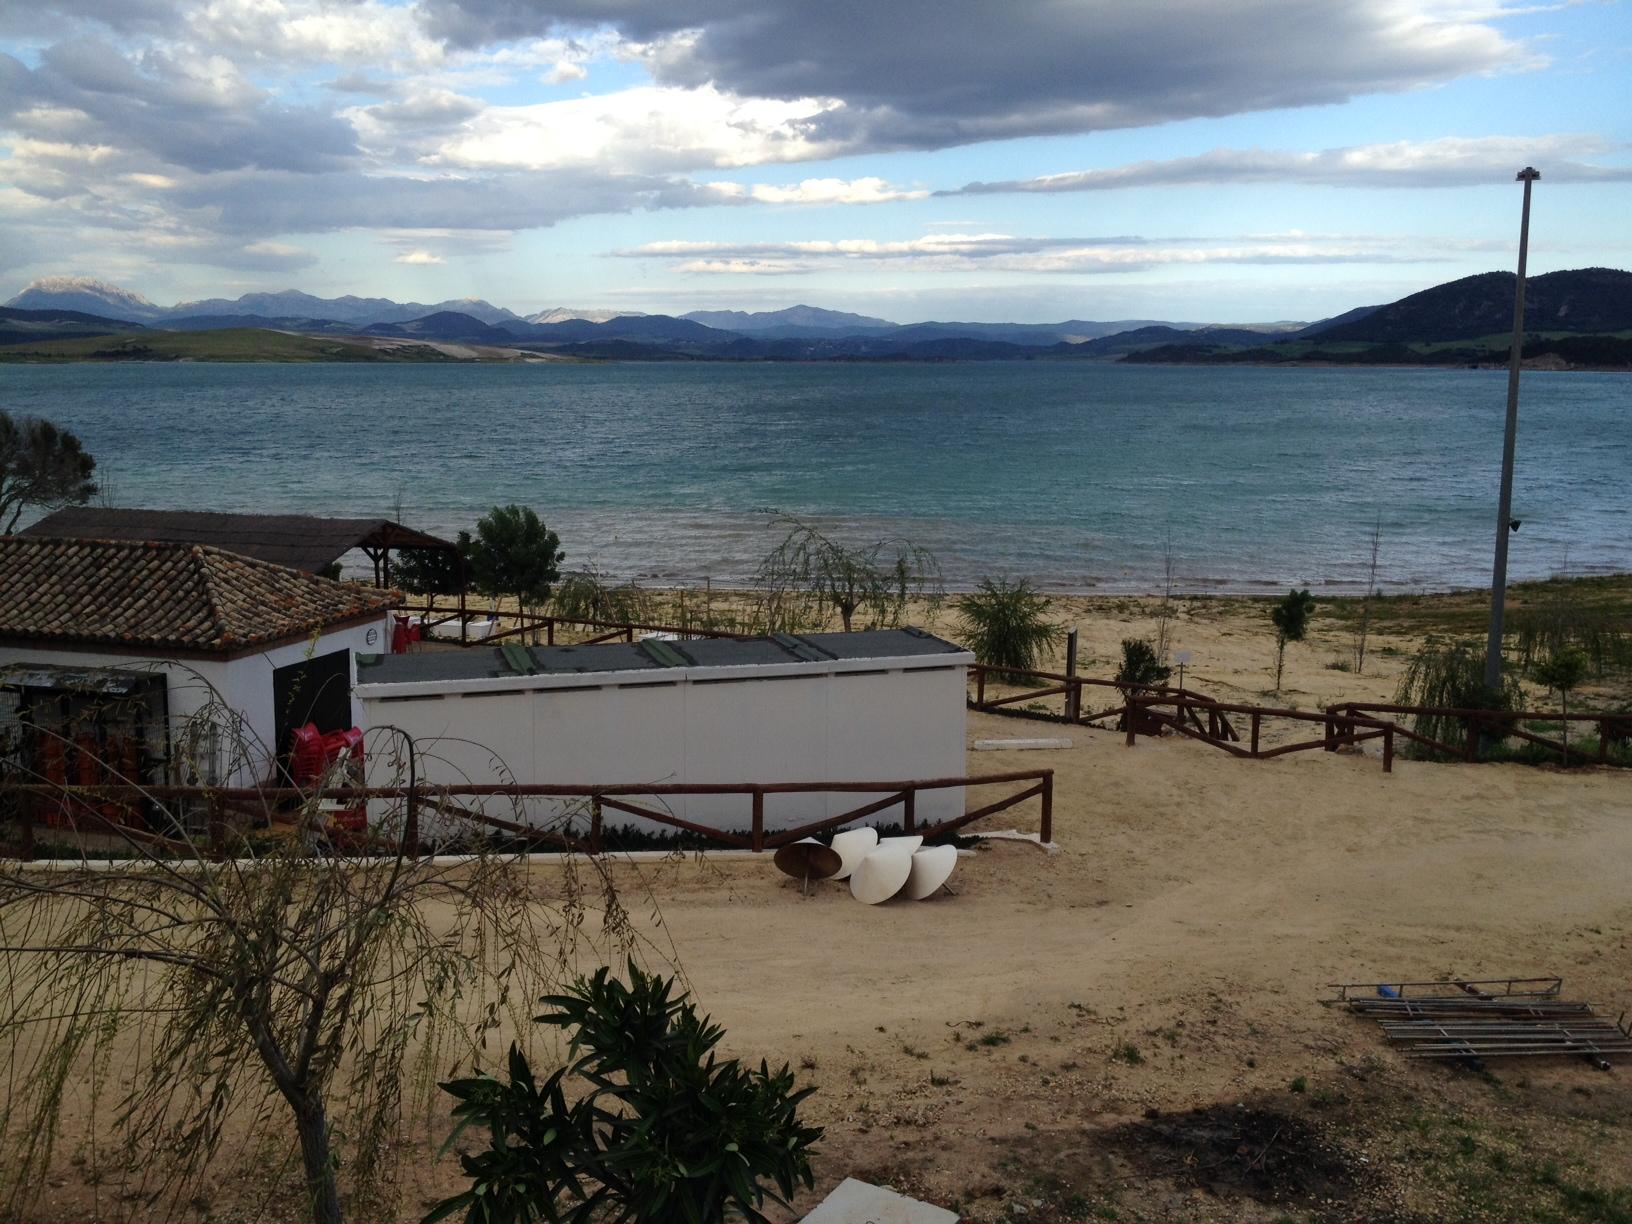 Camping San José del Valle I